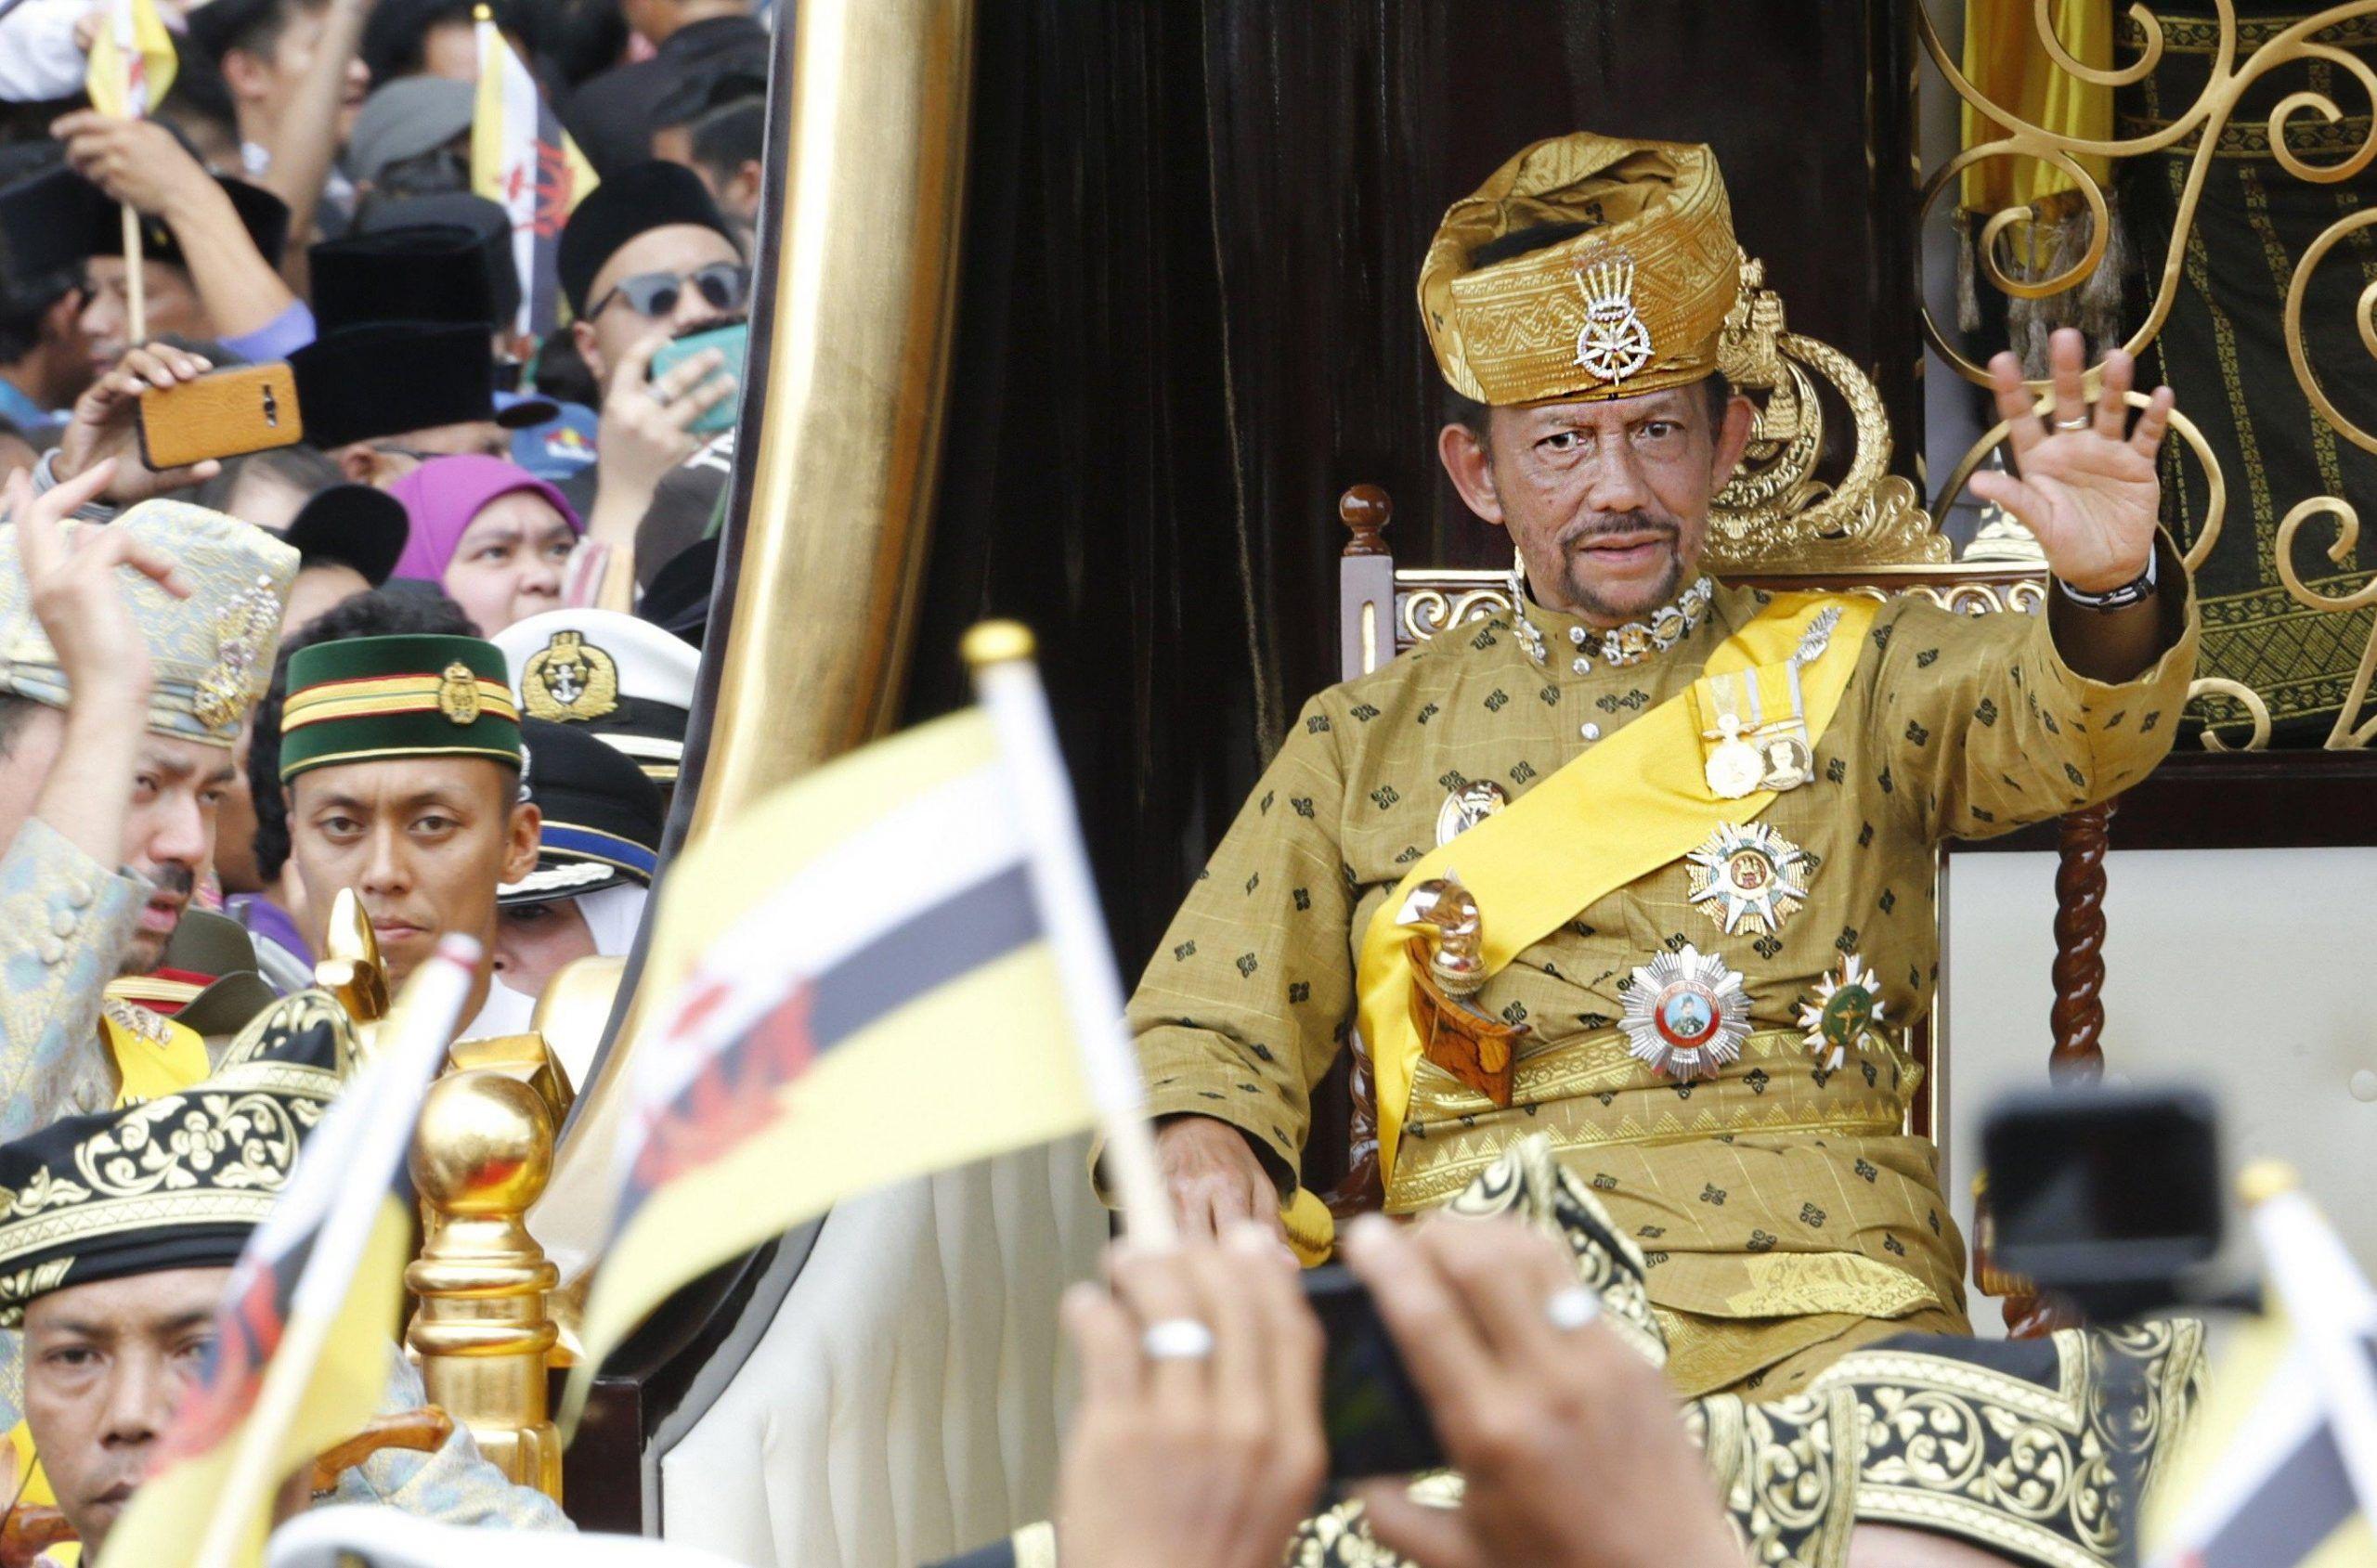 Brunei: gay e adulteri lapidati, taglio di mano e piede per i ladri